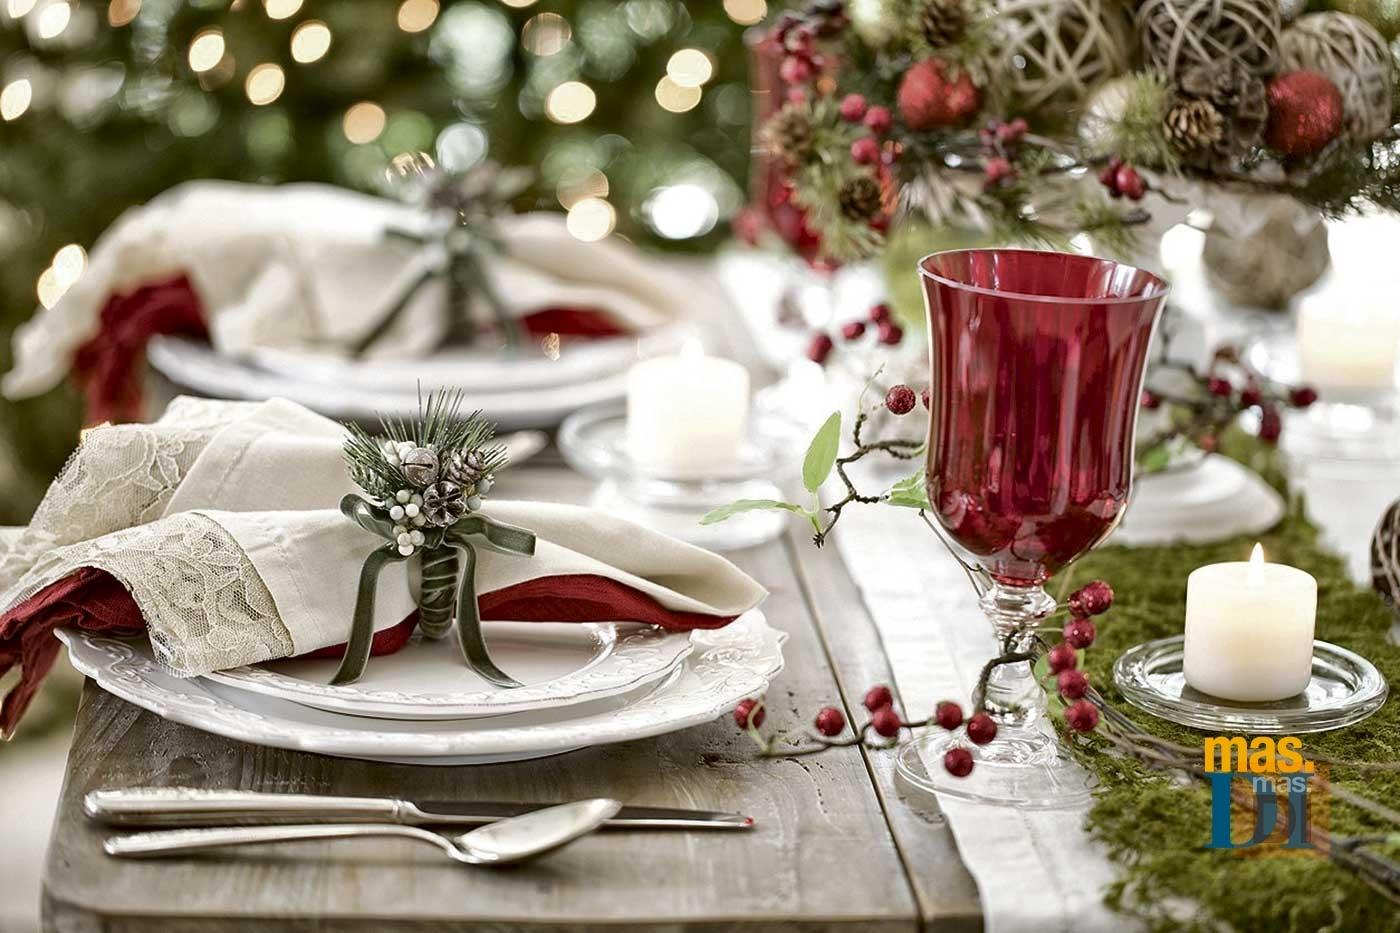 Menús cena de Navidad y Nochevieja